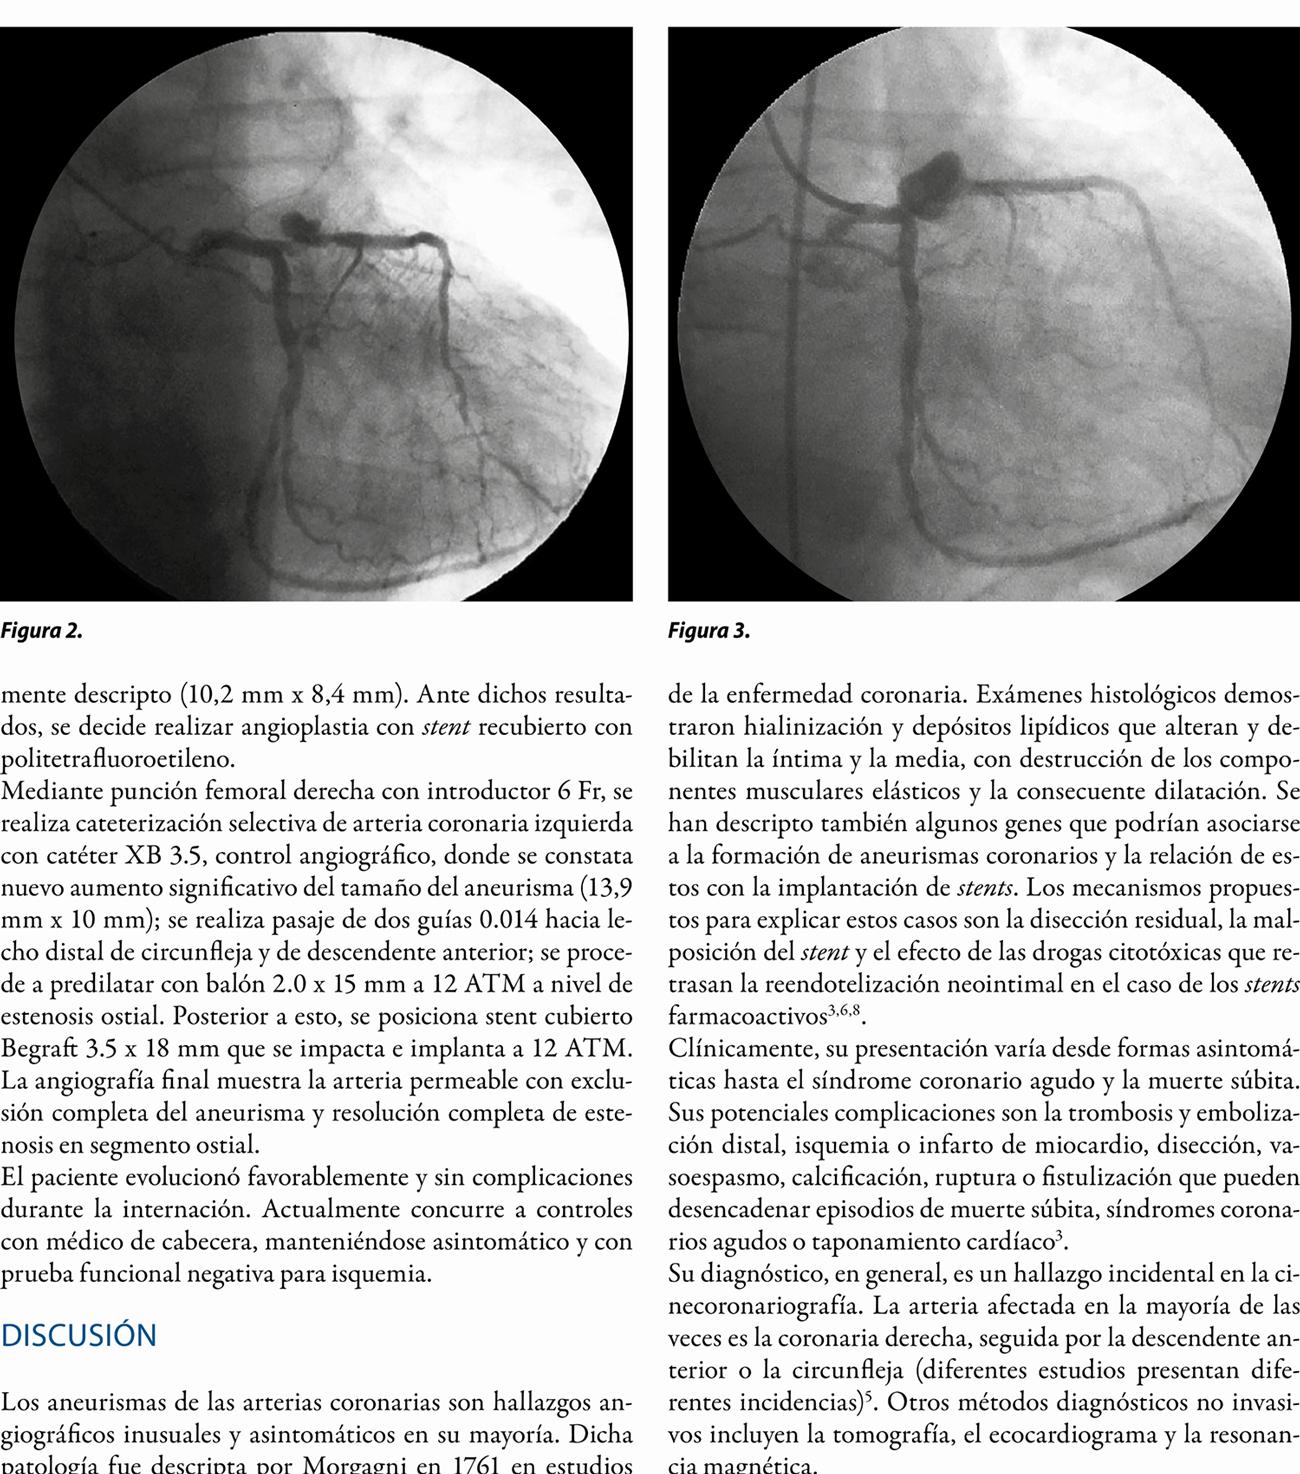 Tratamiento endovascular de aneurisma coronario  de rápido crecimiento